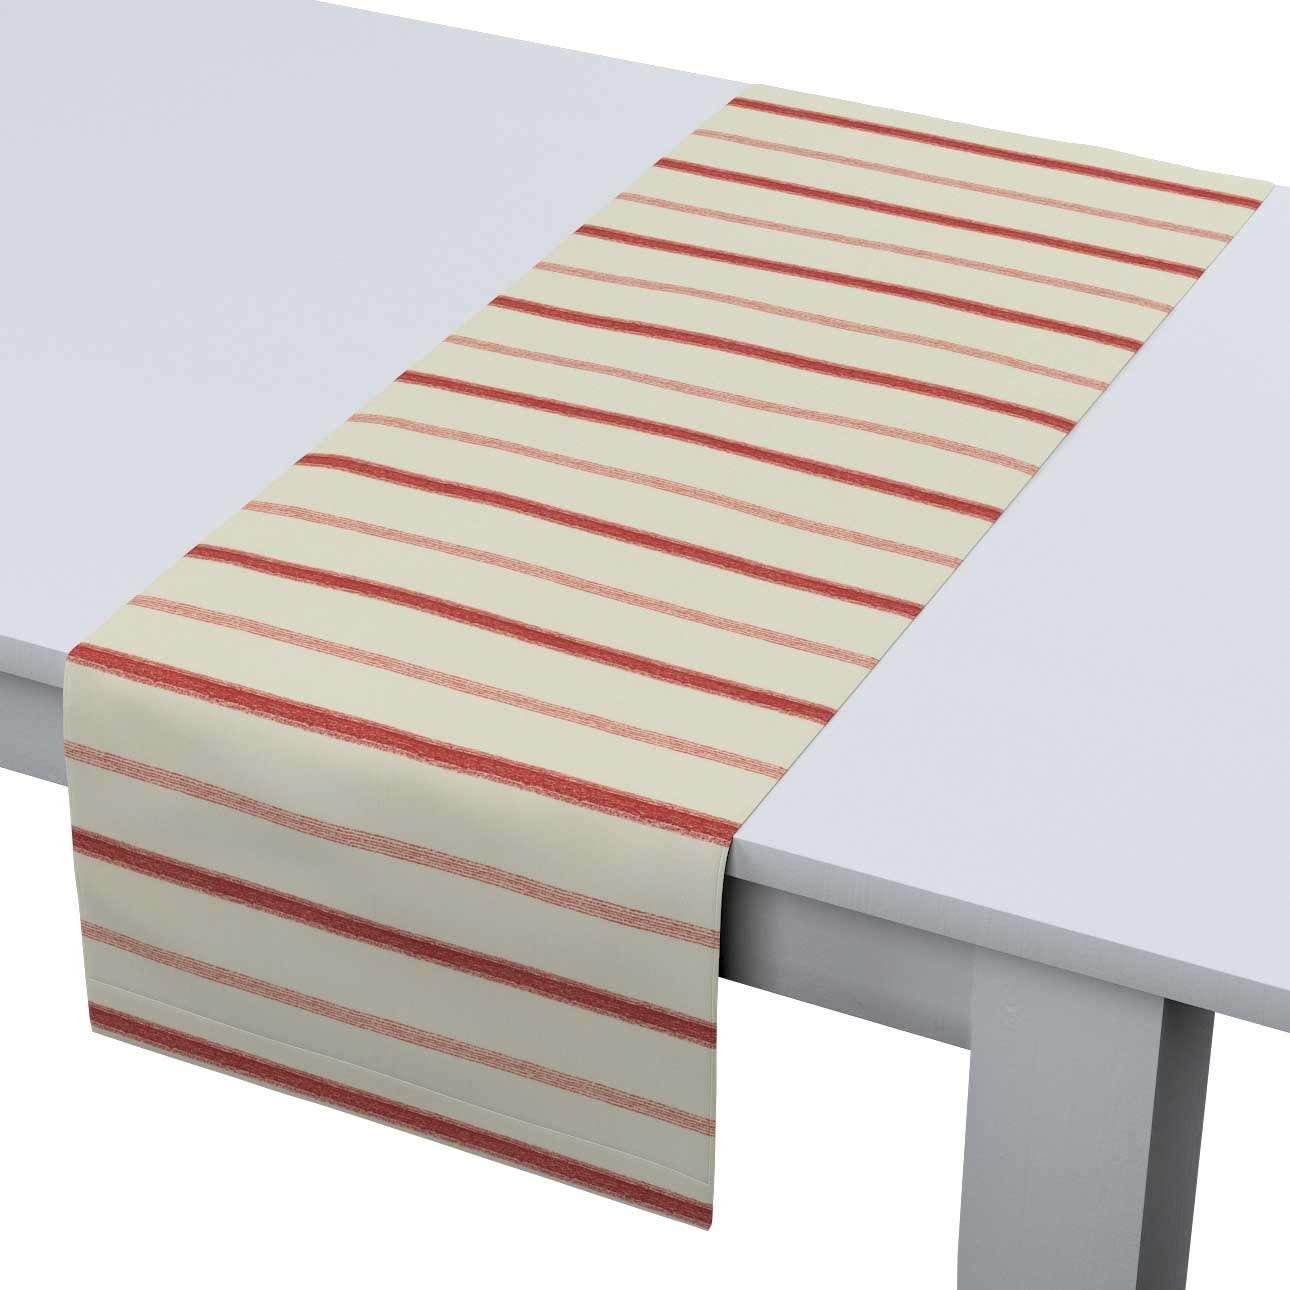 Štóla na stôl V kolekcii Avinon, tkanina: 129-15